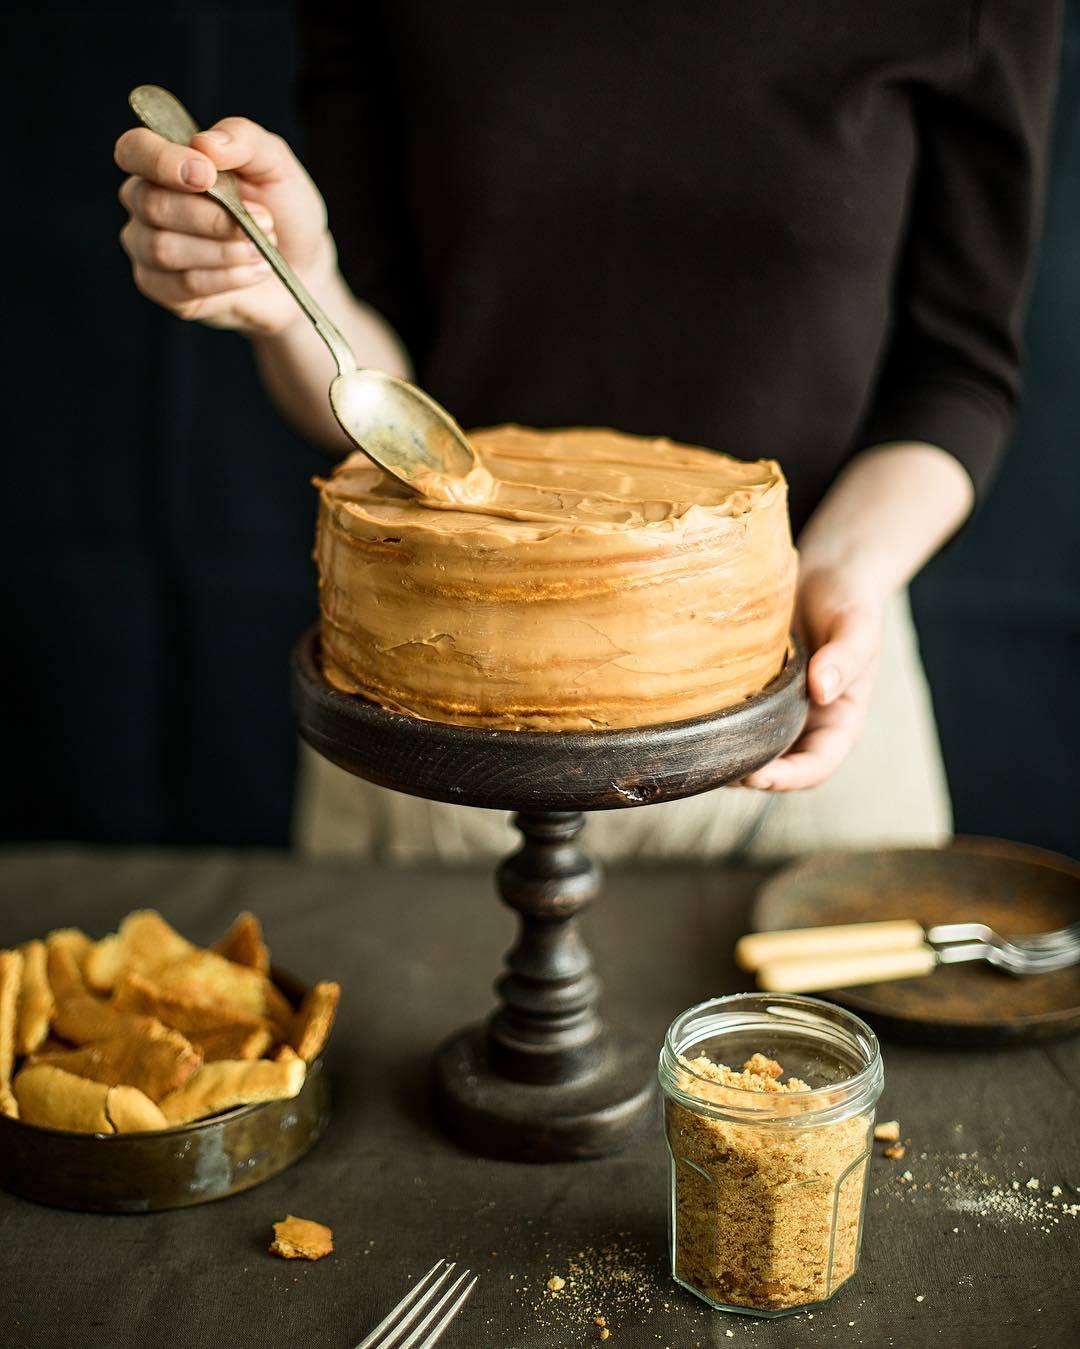 宠物-这位漂亮的美女蛋糕师,让猫咪来为蛋糕代言,将平淡无奇的蛋糕化腐朽为神奇(53)